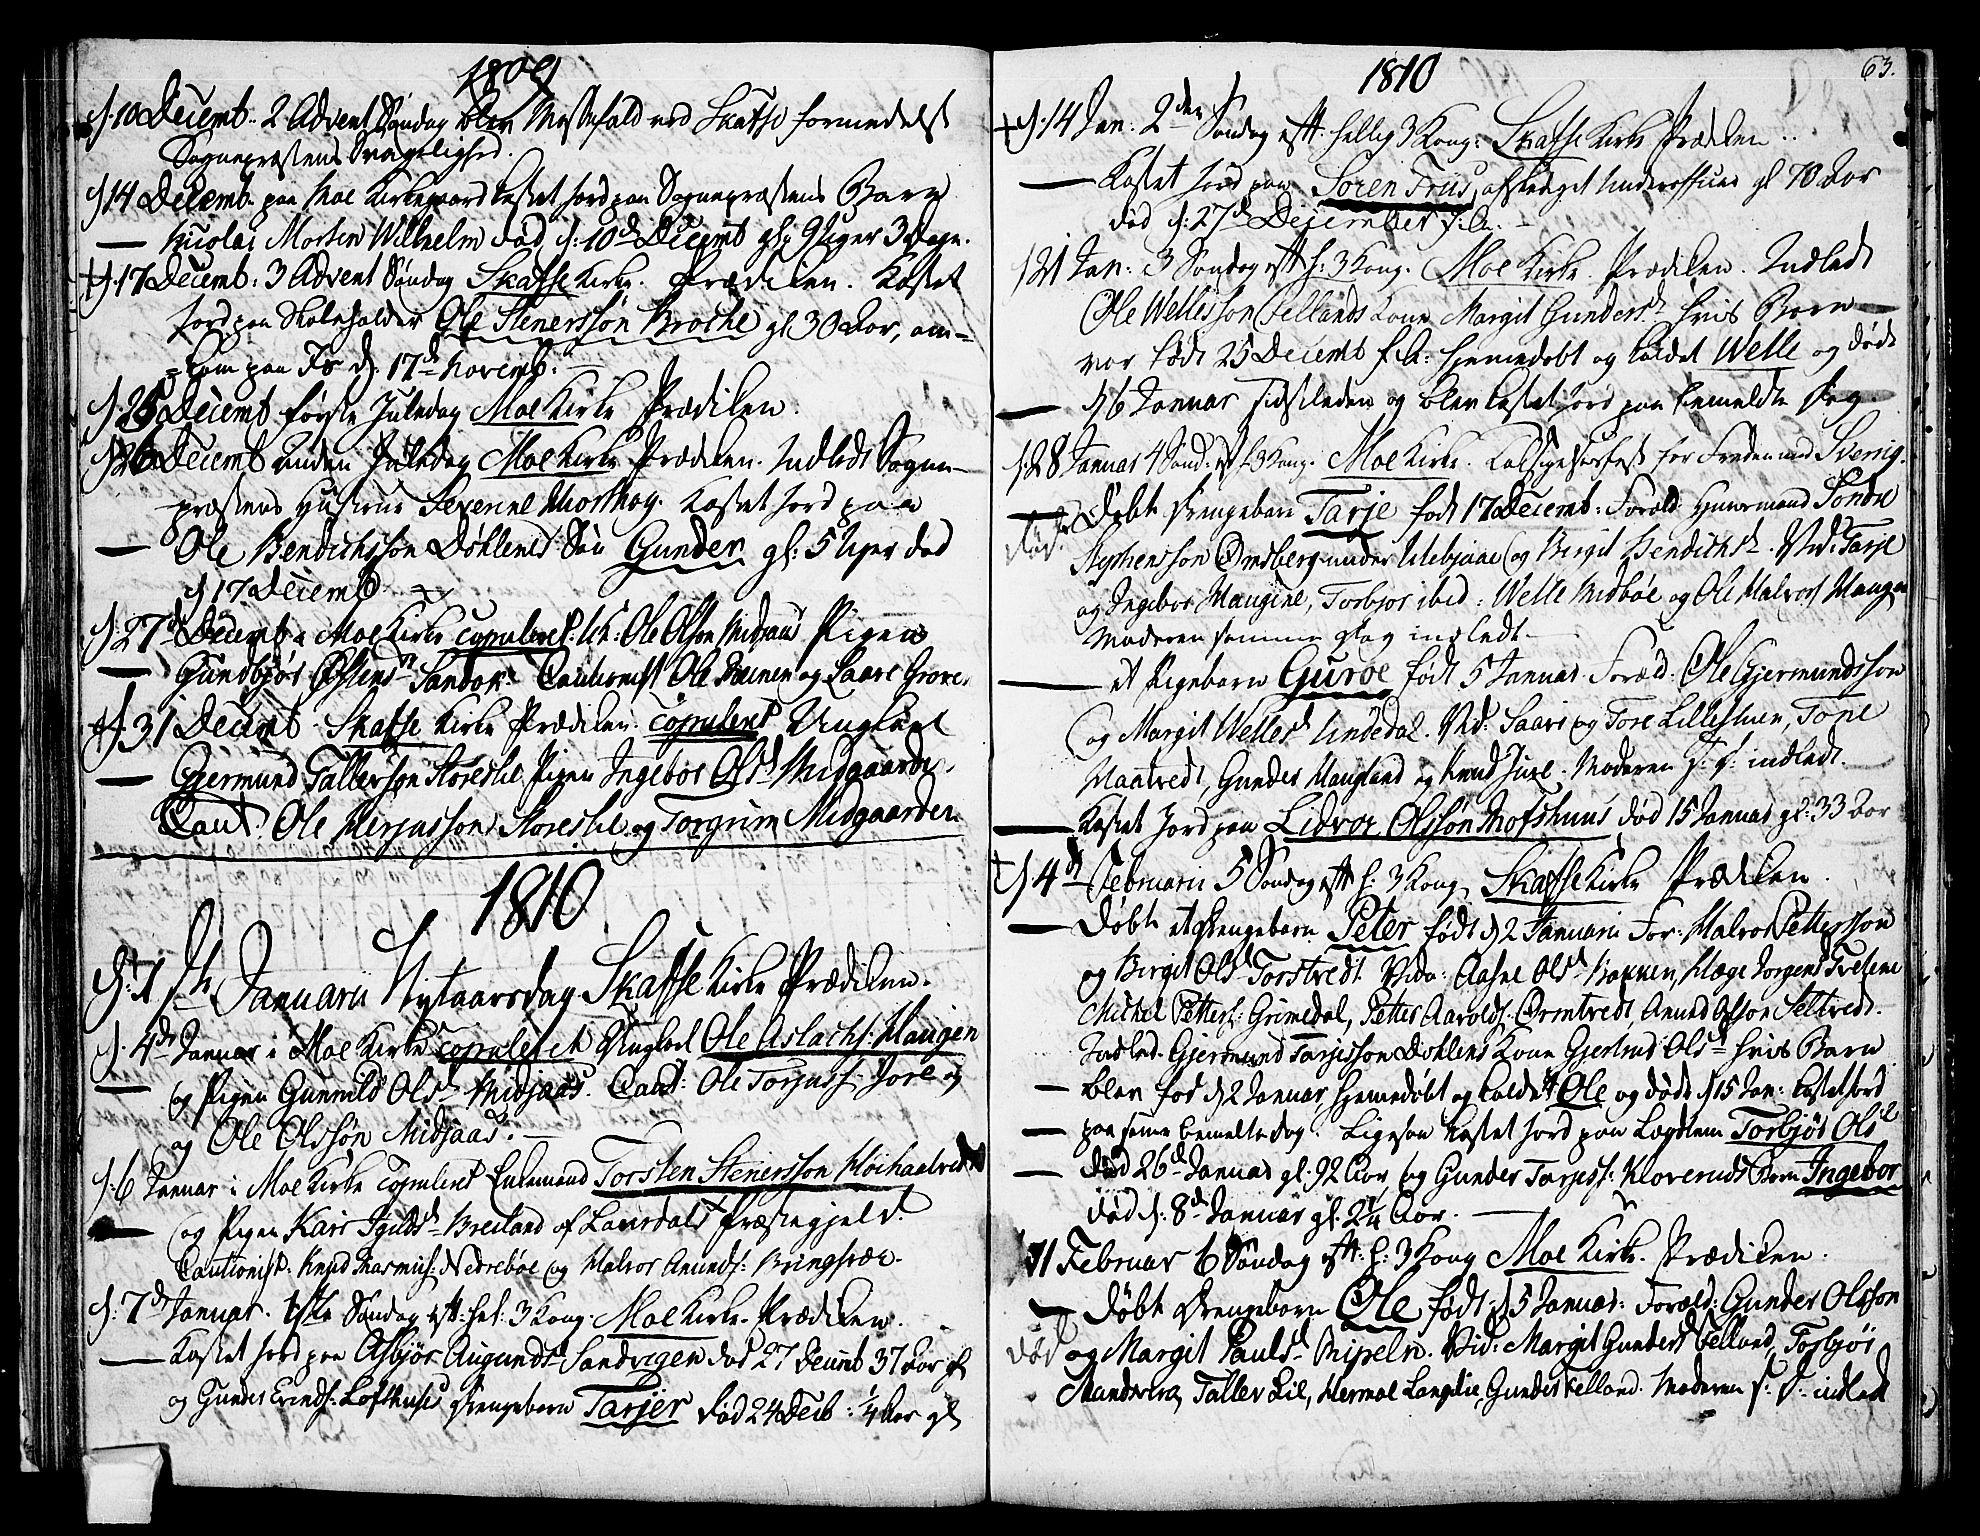 SAKO, Mo kirkebøker, F/Fa/L0003: Ministerialbok nr. I 3, 1800-1814, s. 63